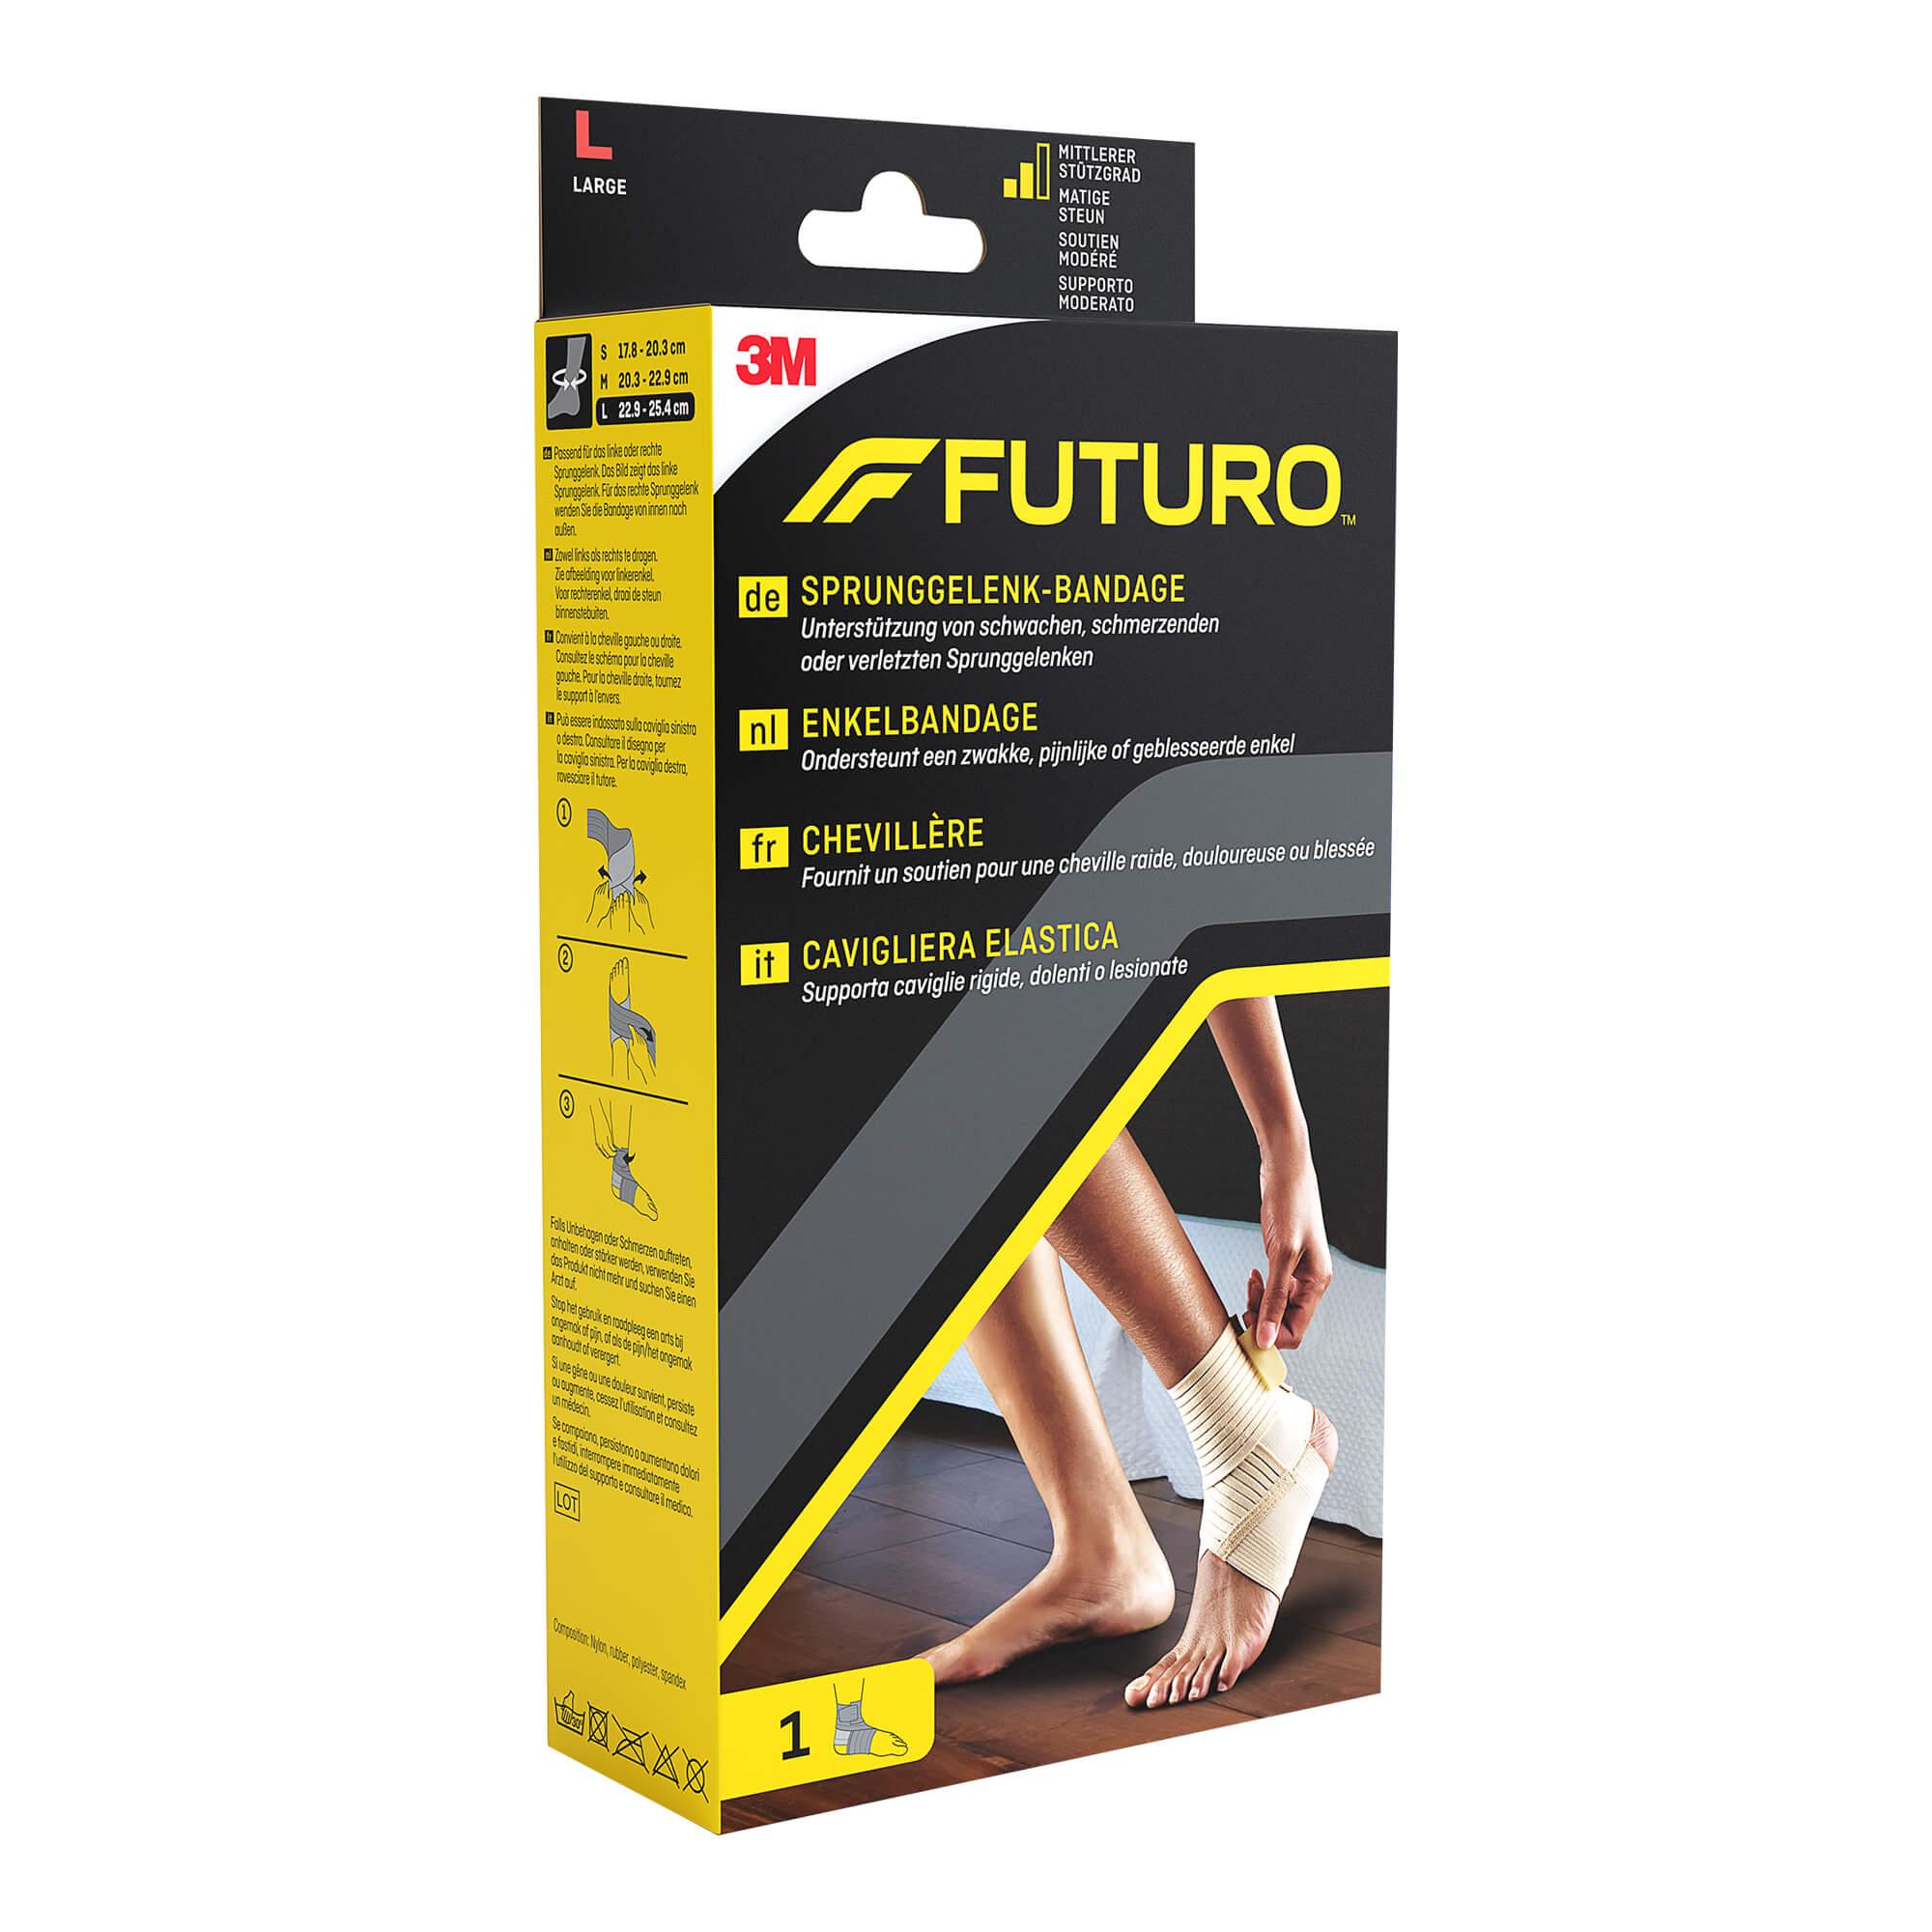 Futuro Sprunggelenk-Bandage L